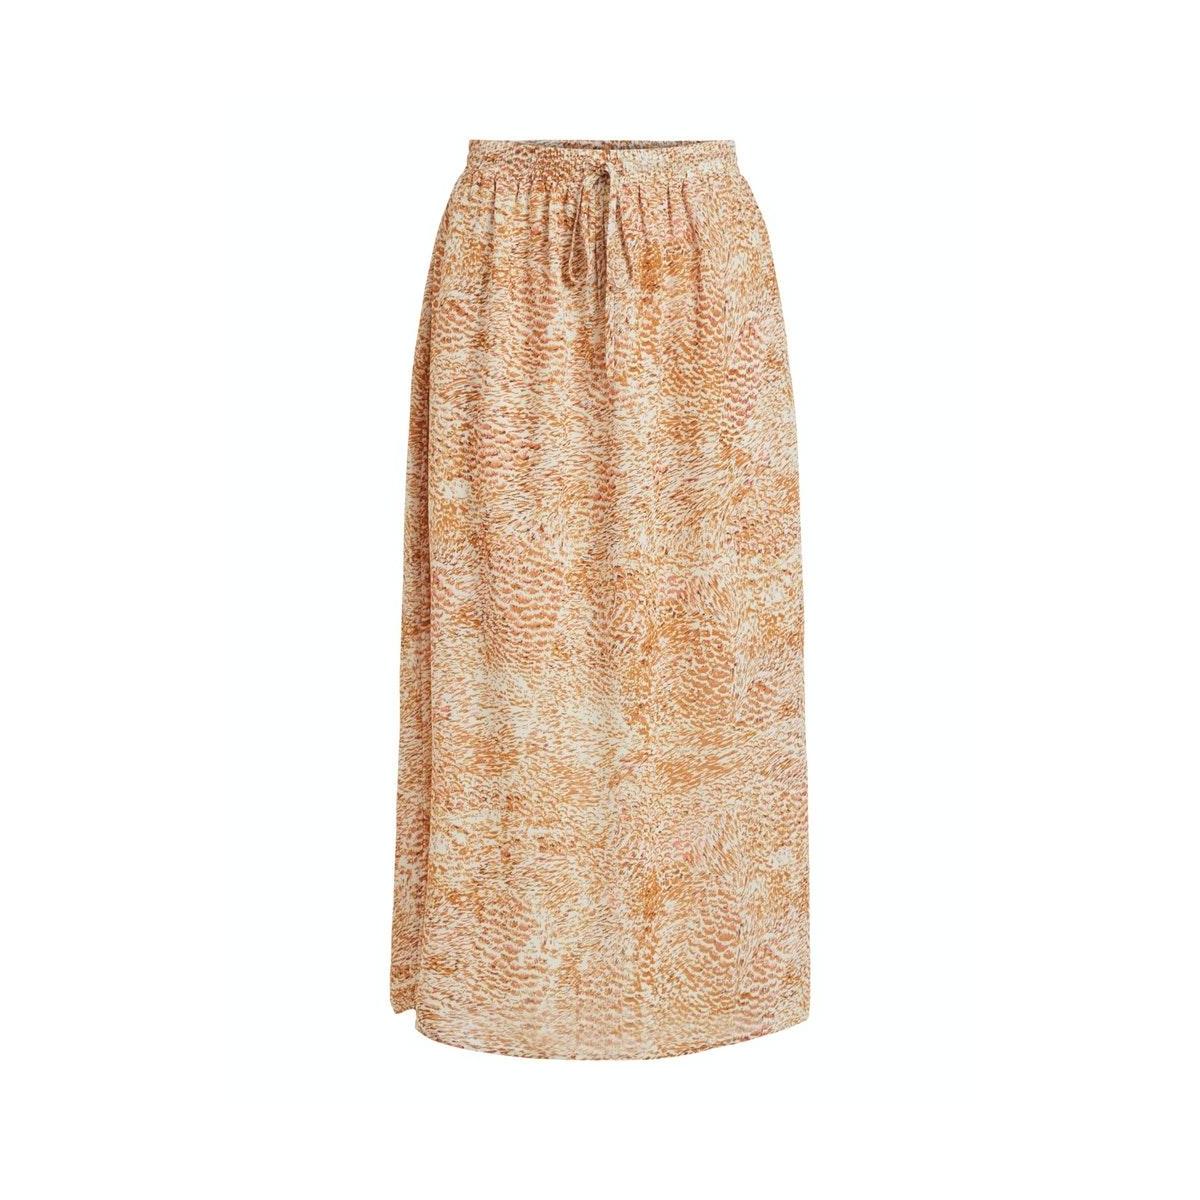 objbillaca long skirt 109 23032909 object rok cloud dancer